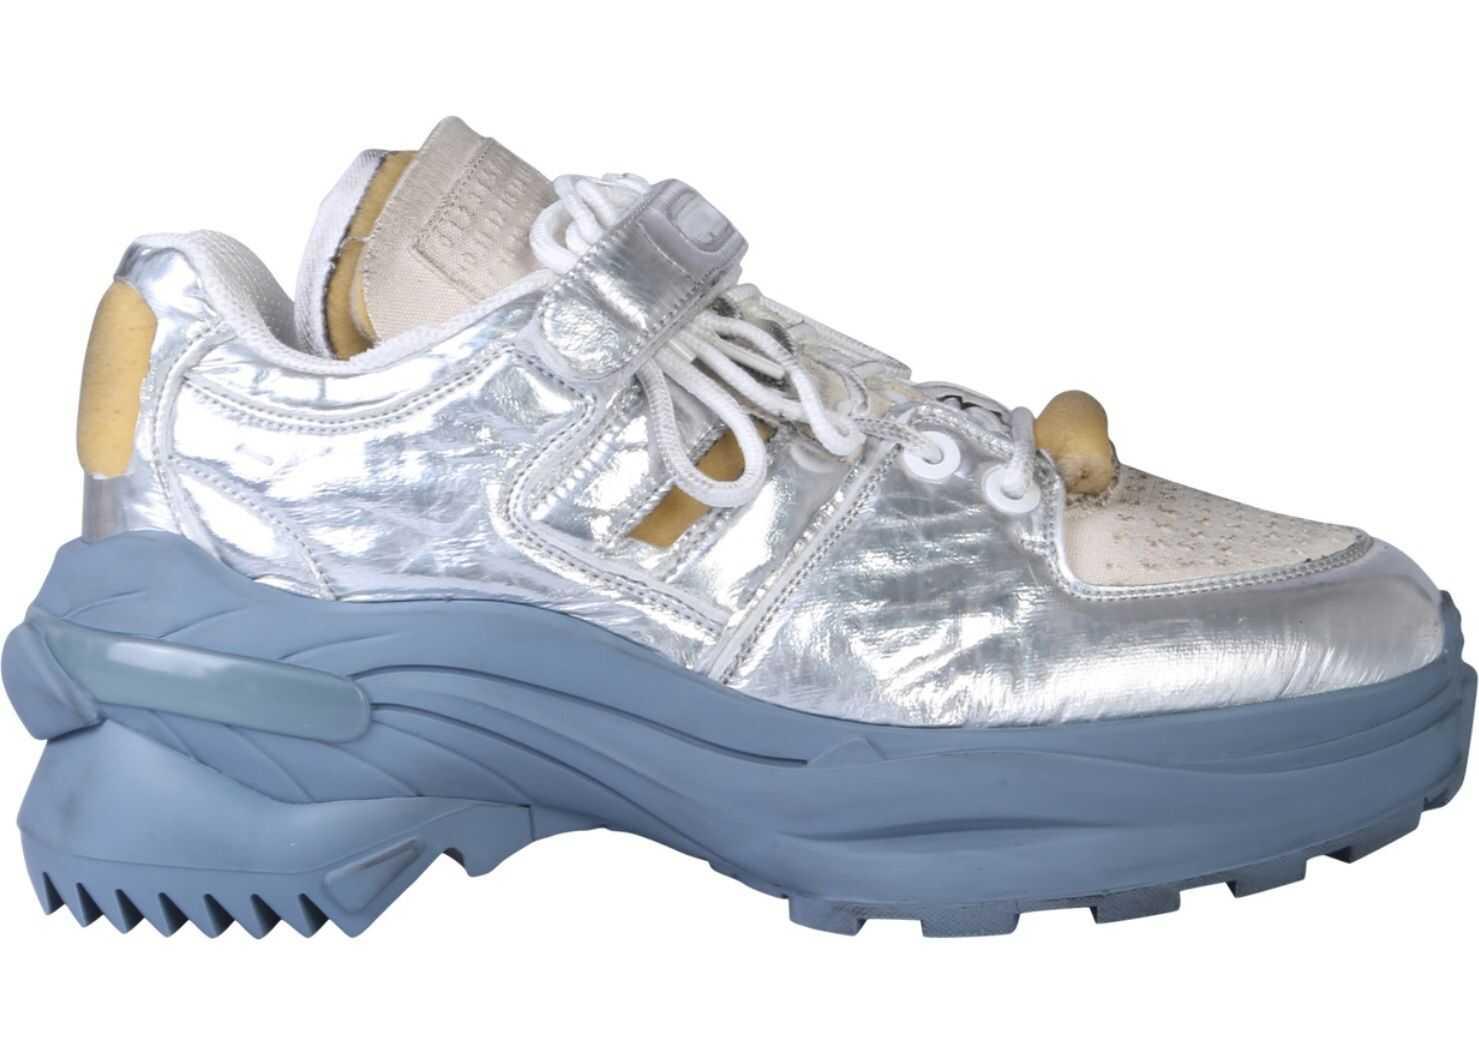 Maison Margiela Retro Fit Low Sneaker SILVER